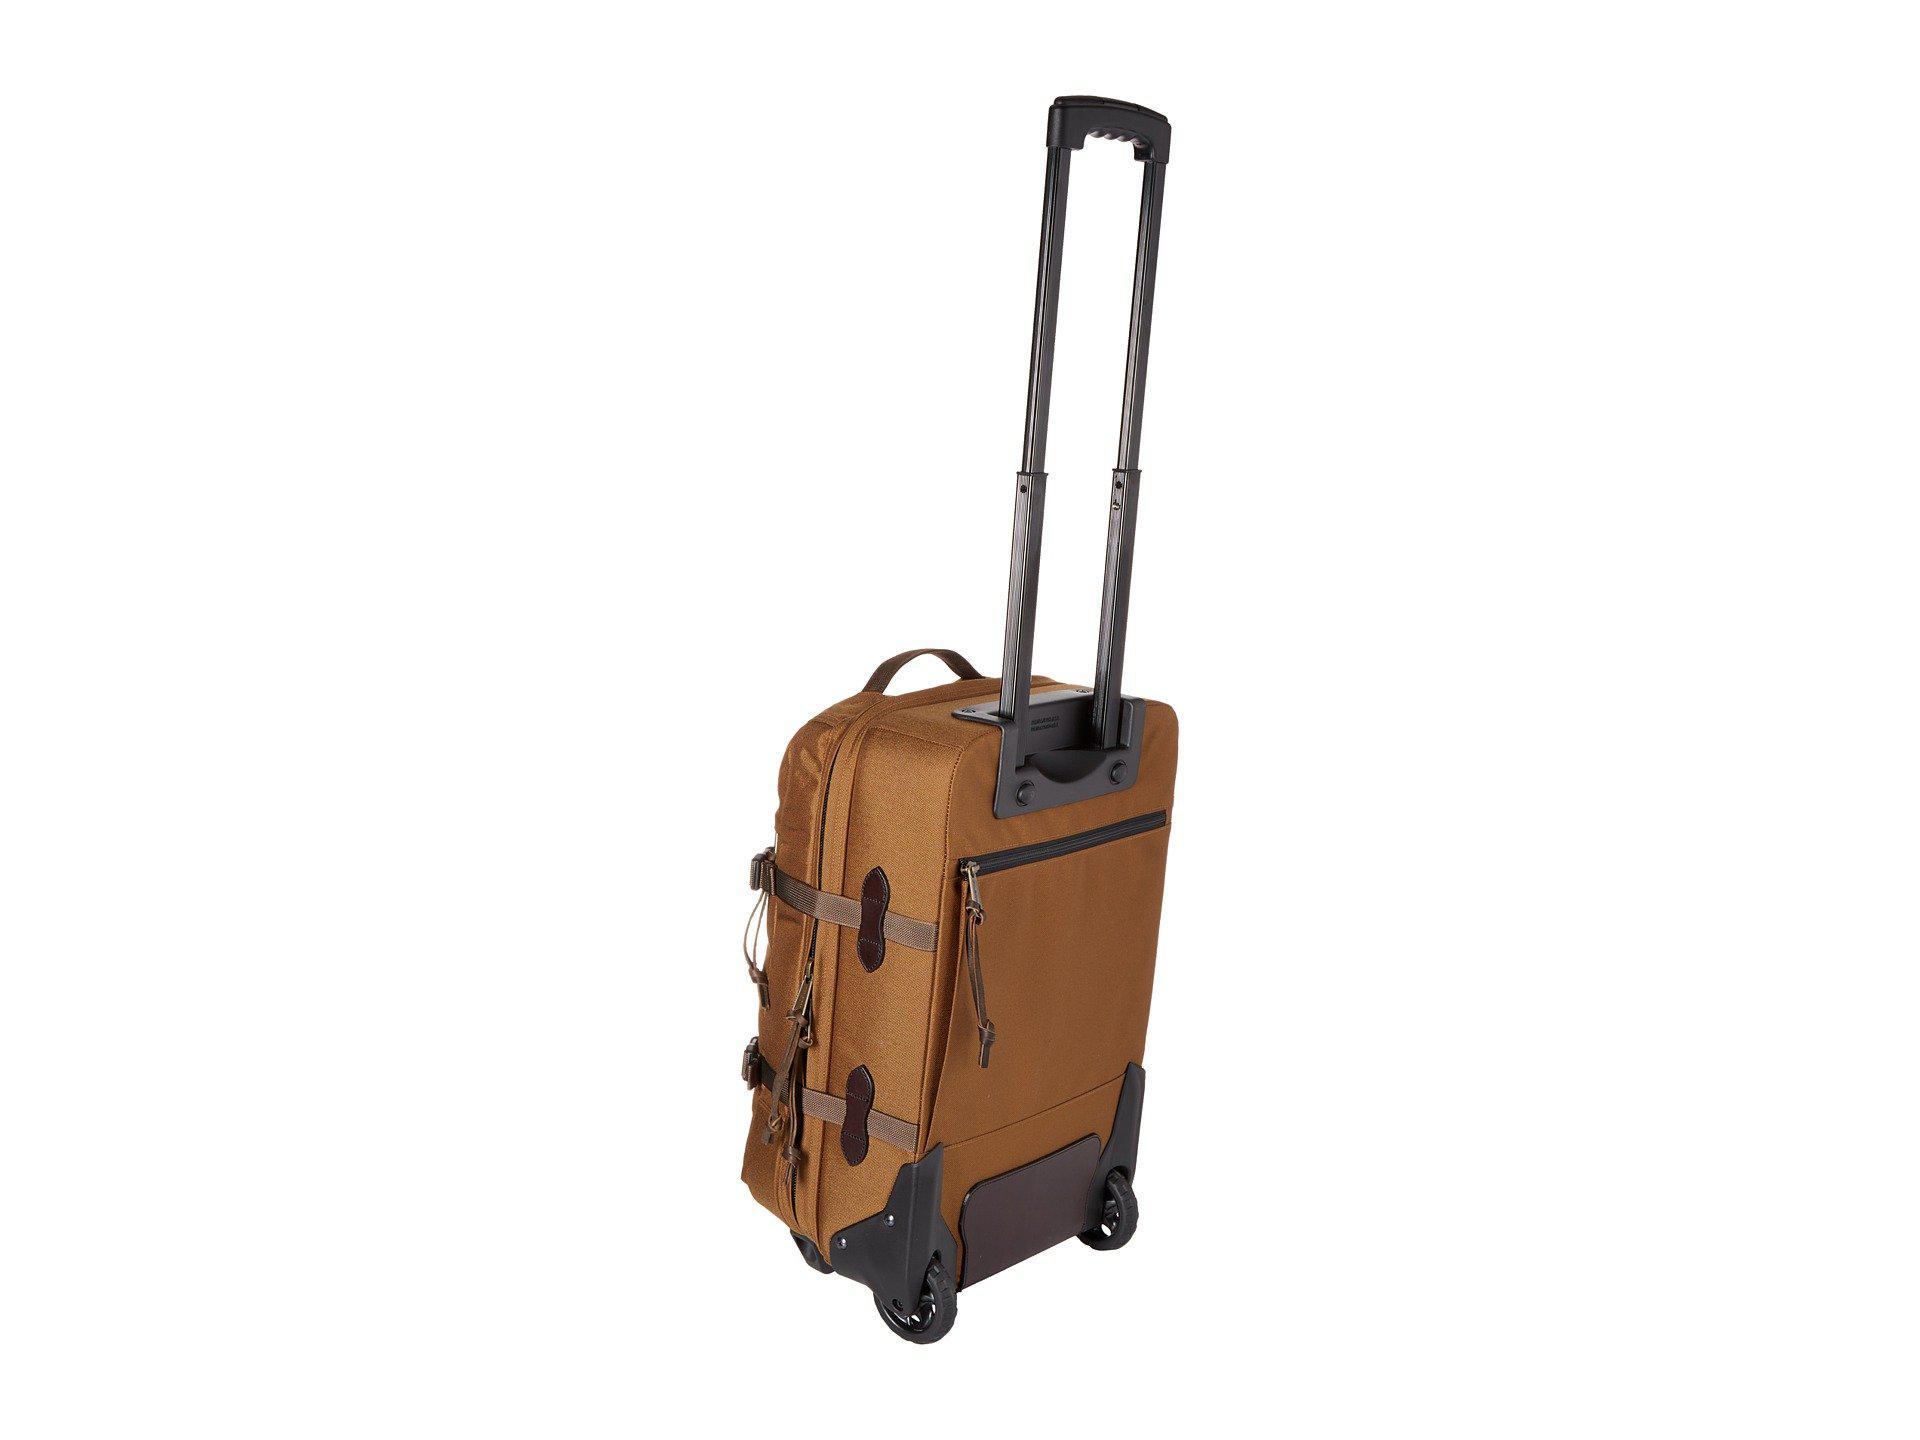 Filson - Brown Dryden 2-wheeled Carry-on Bag (otter Green) Bags. View  fullscreen 32b6b45890da6